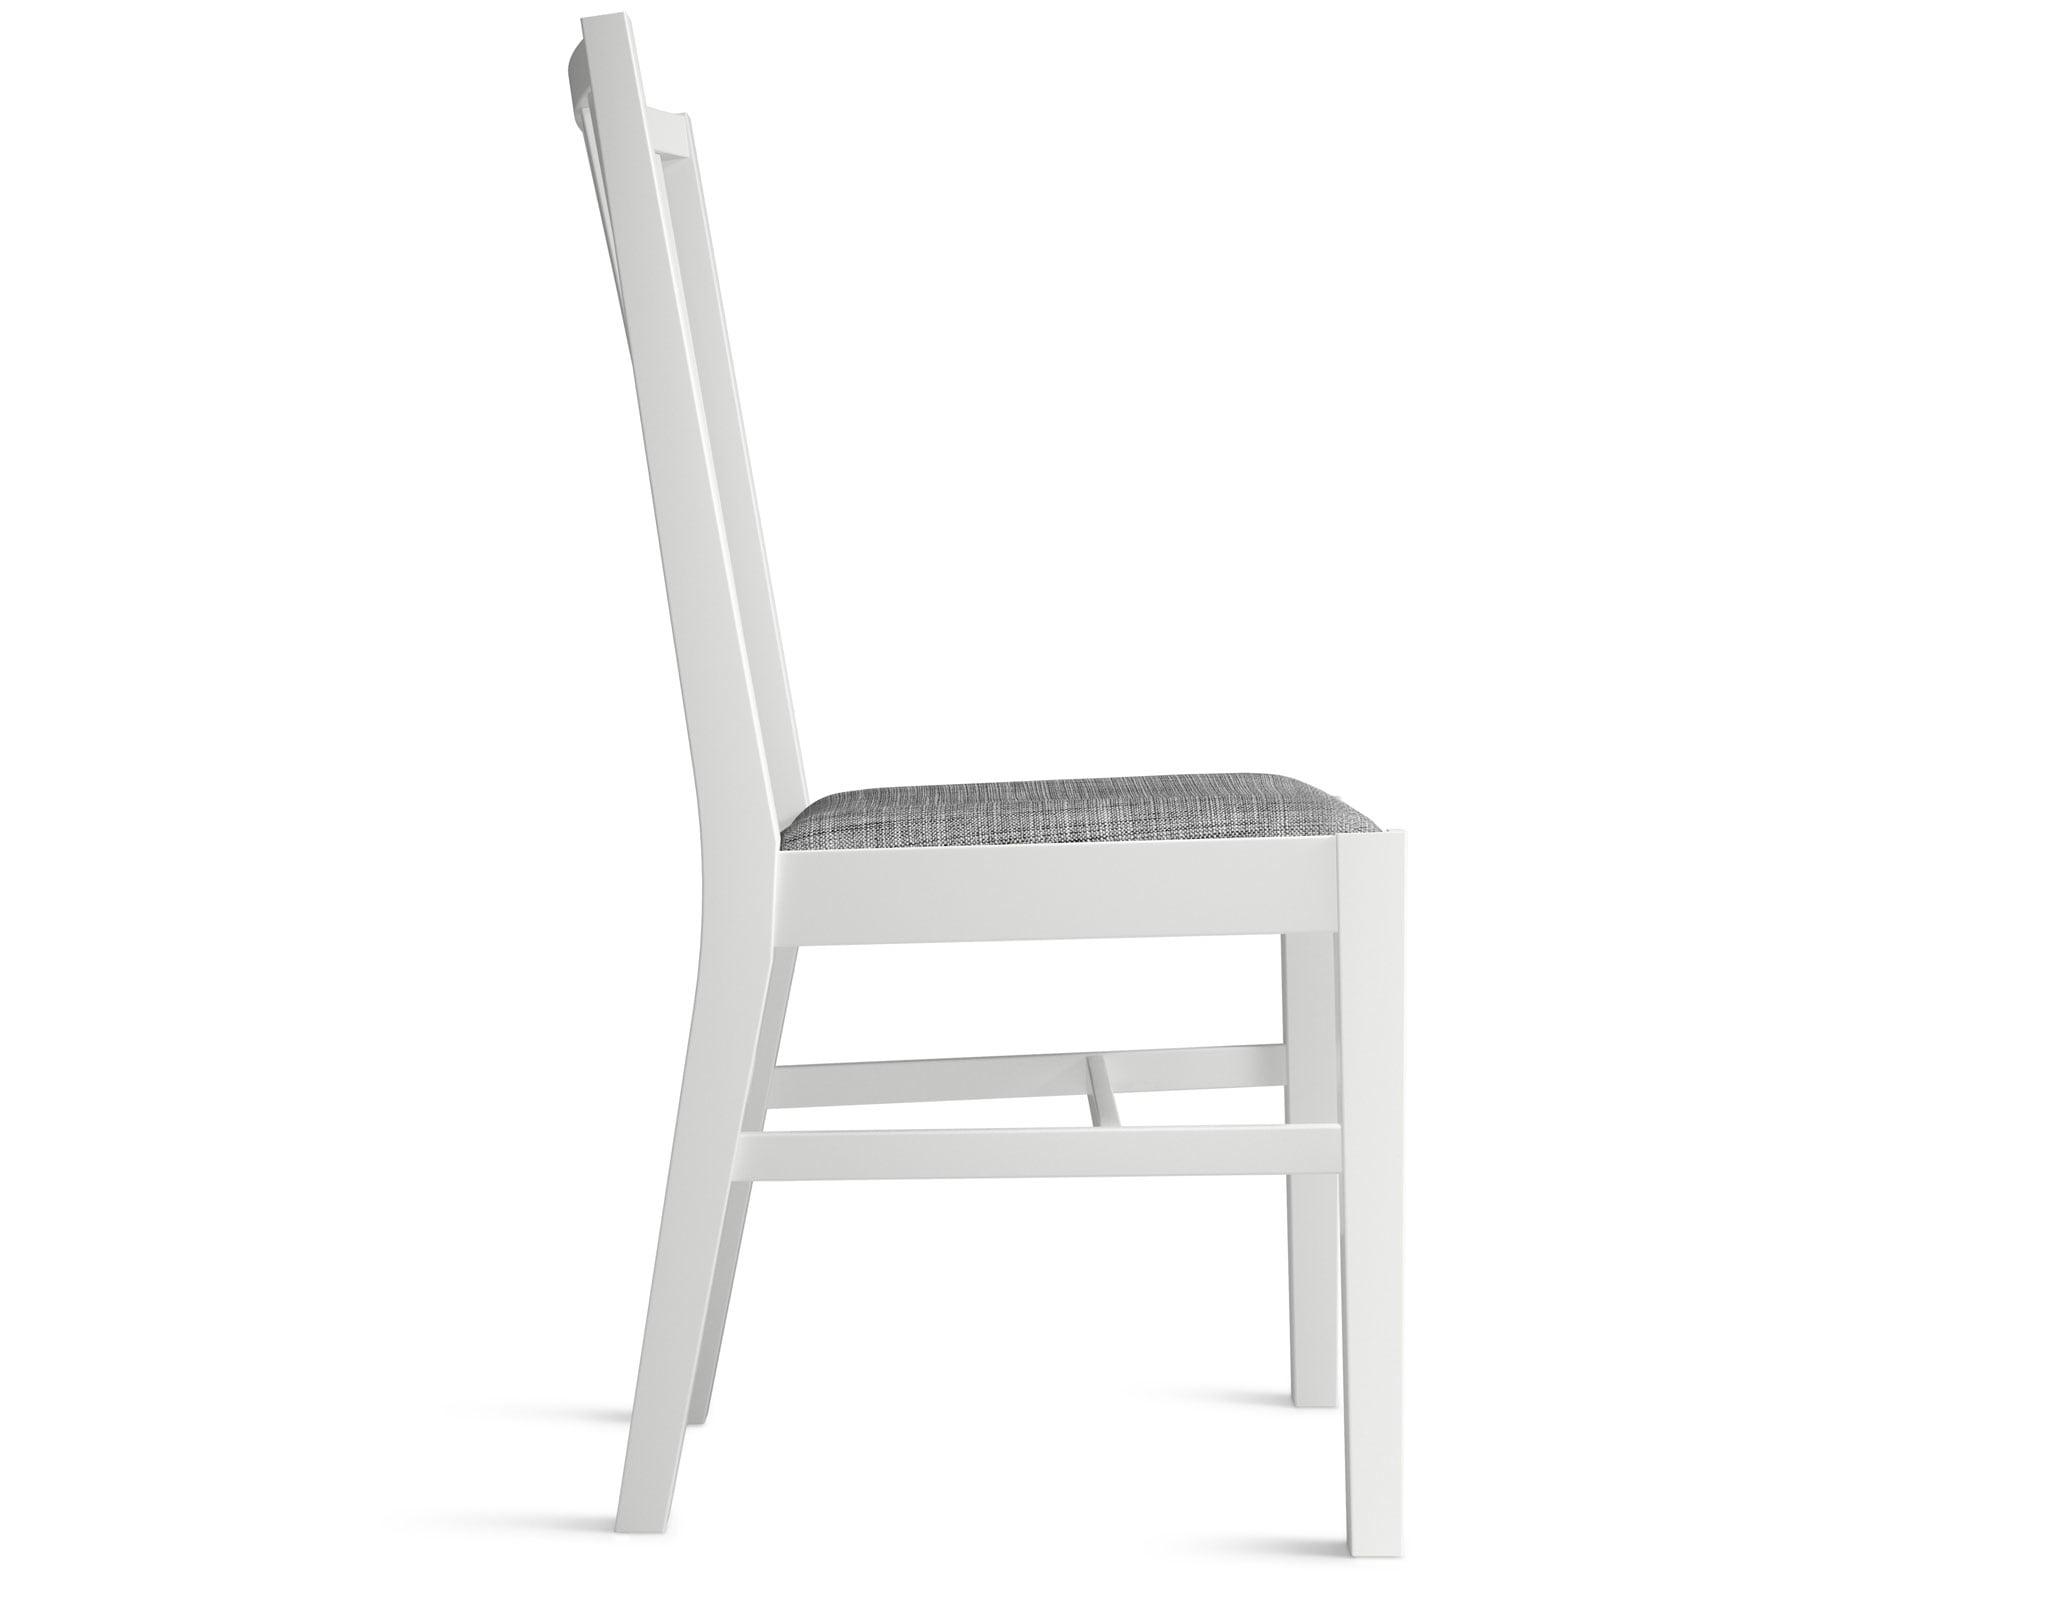 Sillas Para tocador Qwdq Sillas De Edor Salà N Y Cocina Pra Online Ikea